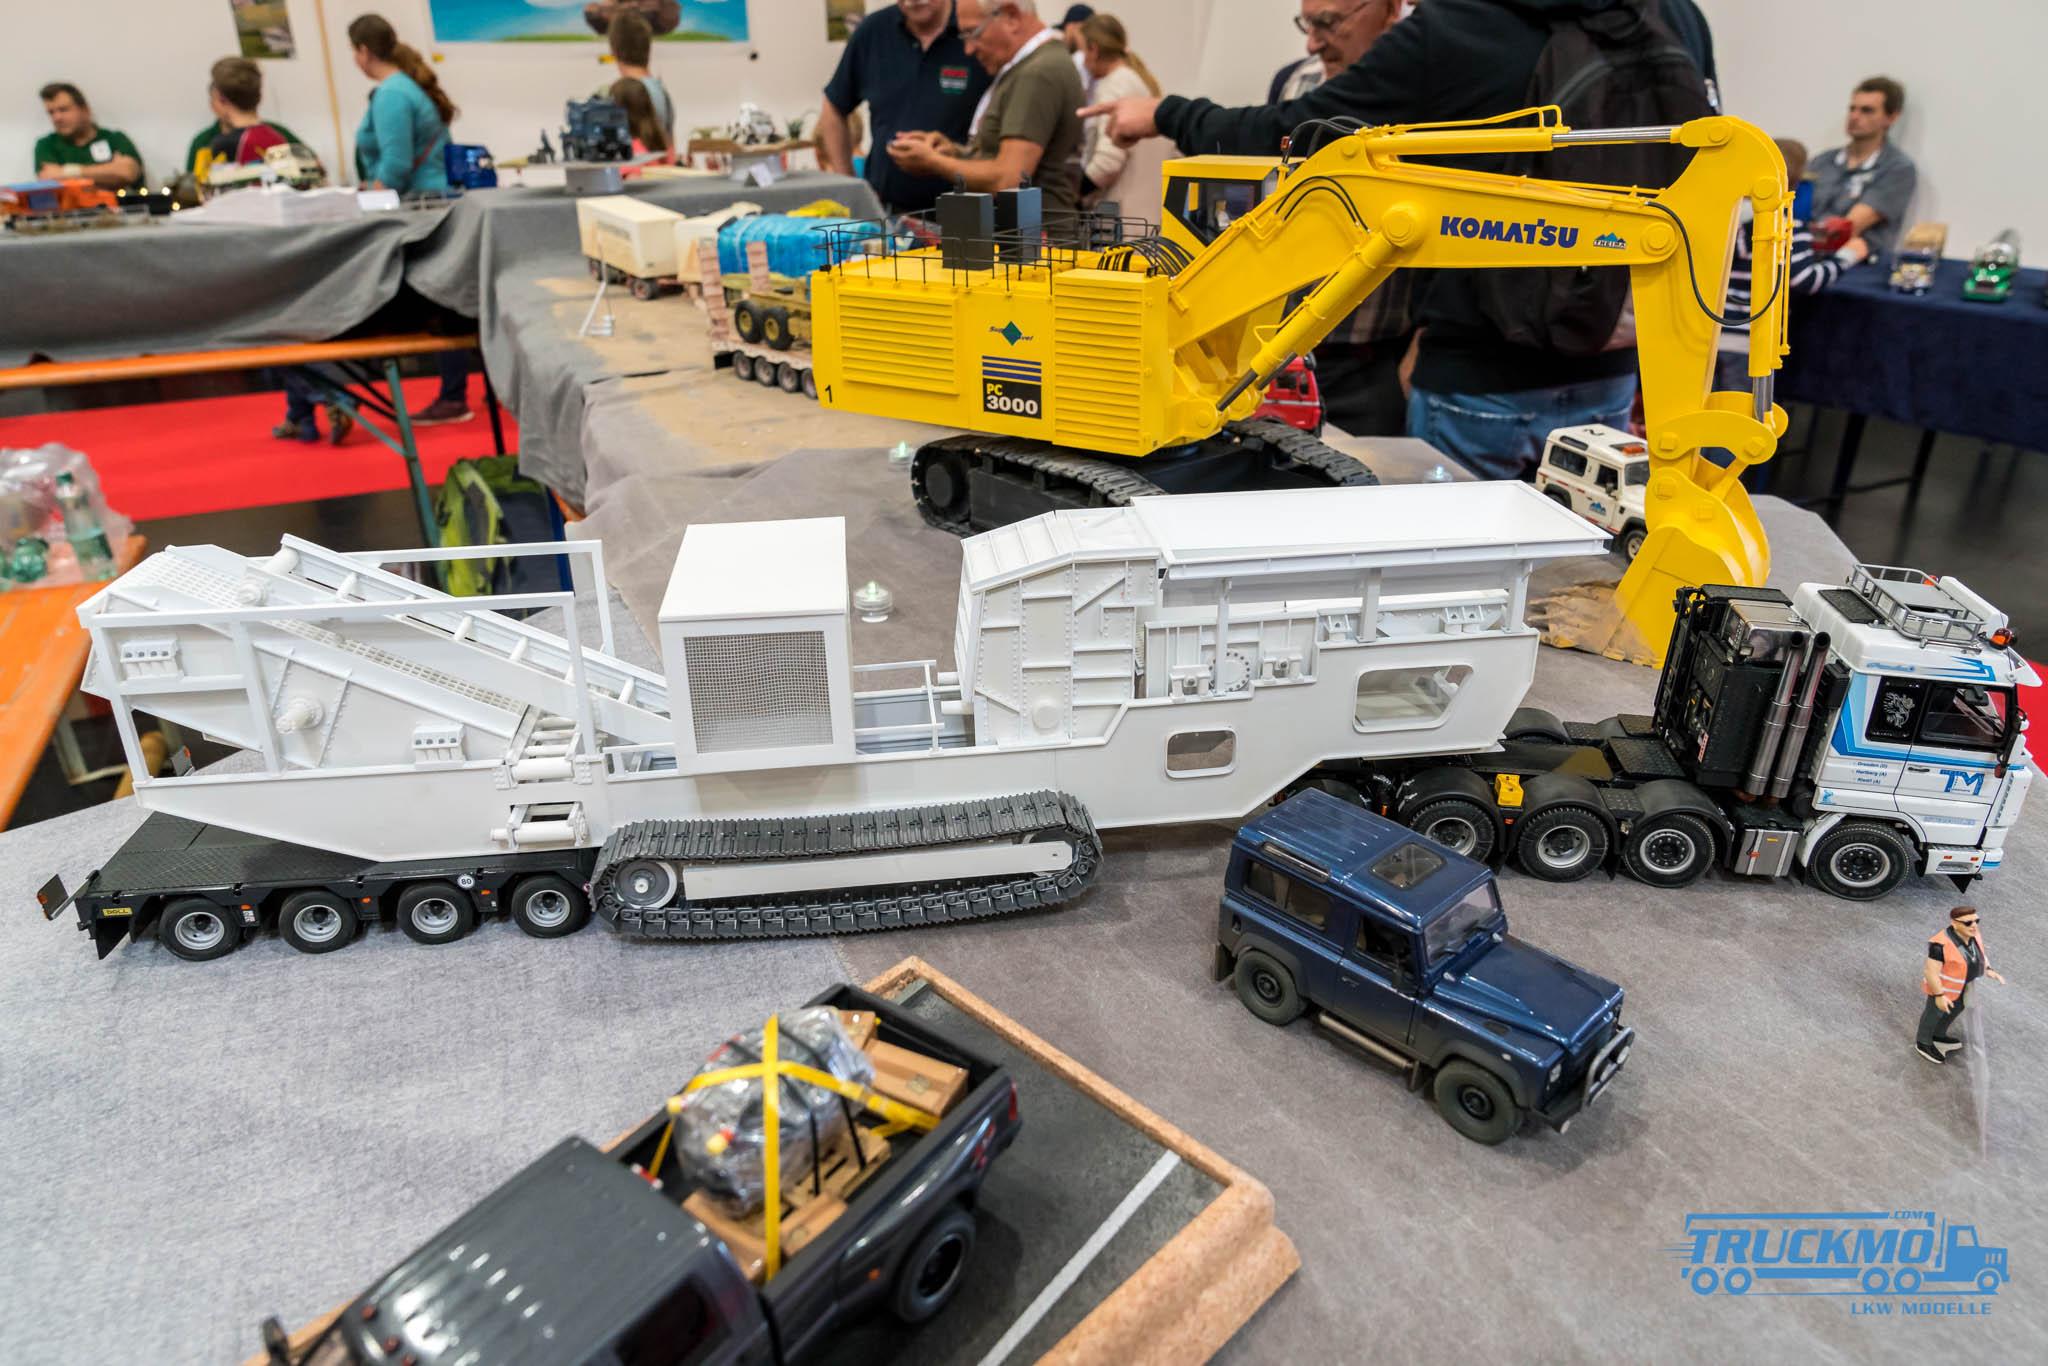 Truckmo_Modellbau_Ried_2017_Herpa_Messe_Modellbauausstellung (411 von 1177)